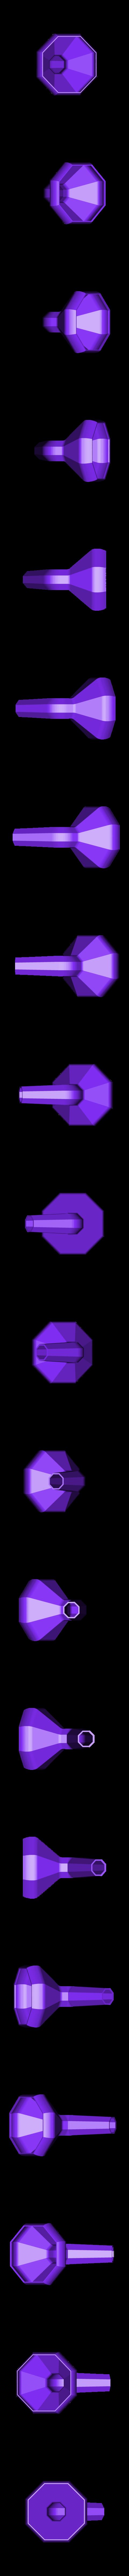 Lejek_B.stl Télécharger fichier STL gratuit Entonnoir • Objet pour impression 3D, kpawel